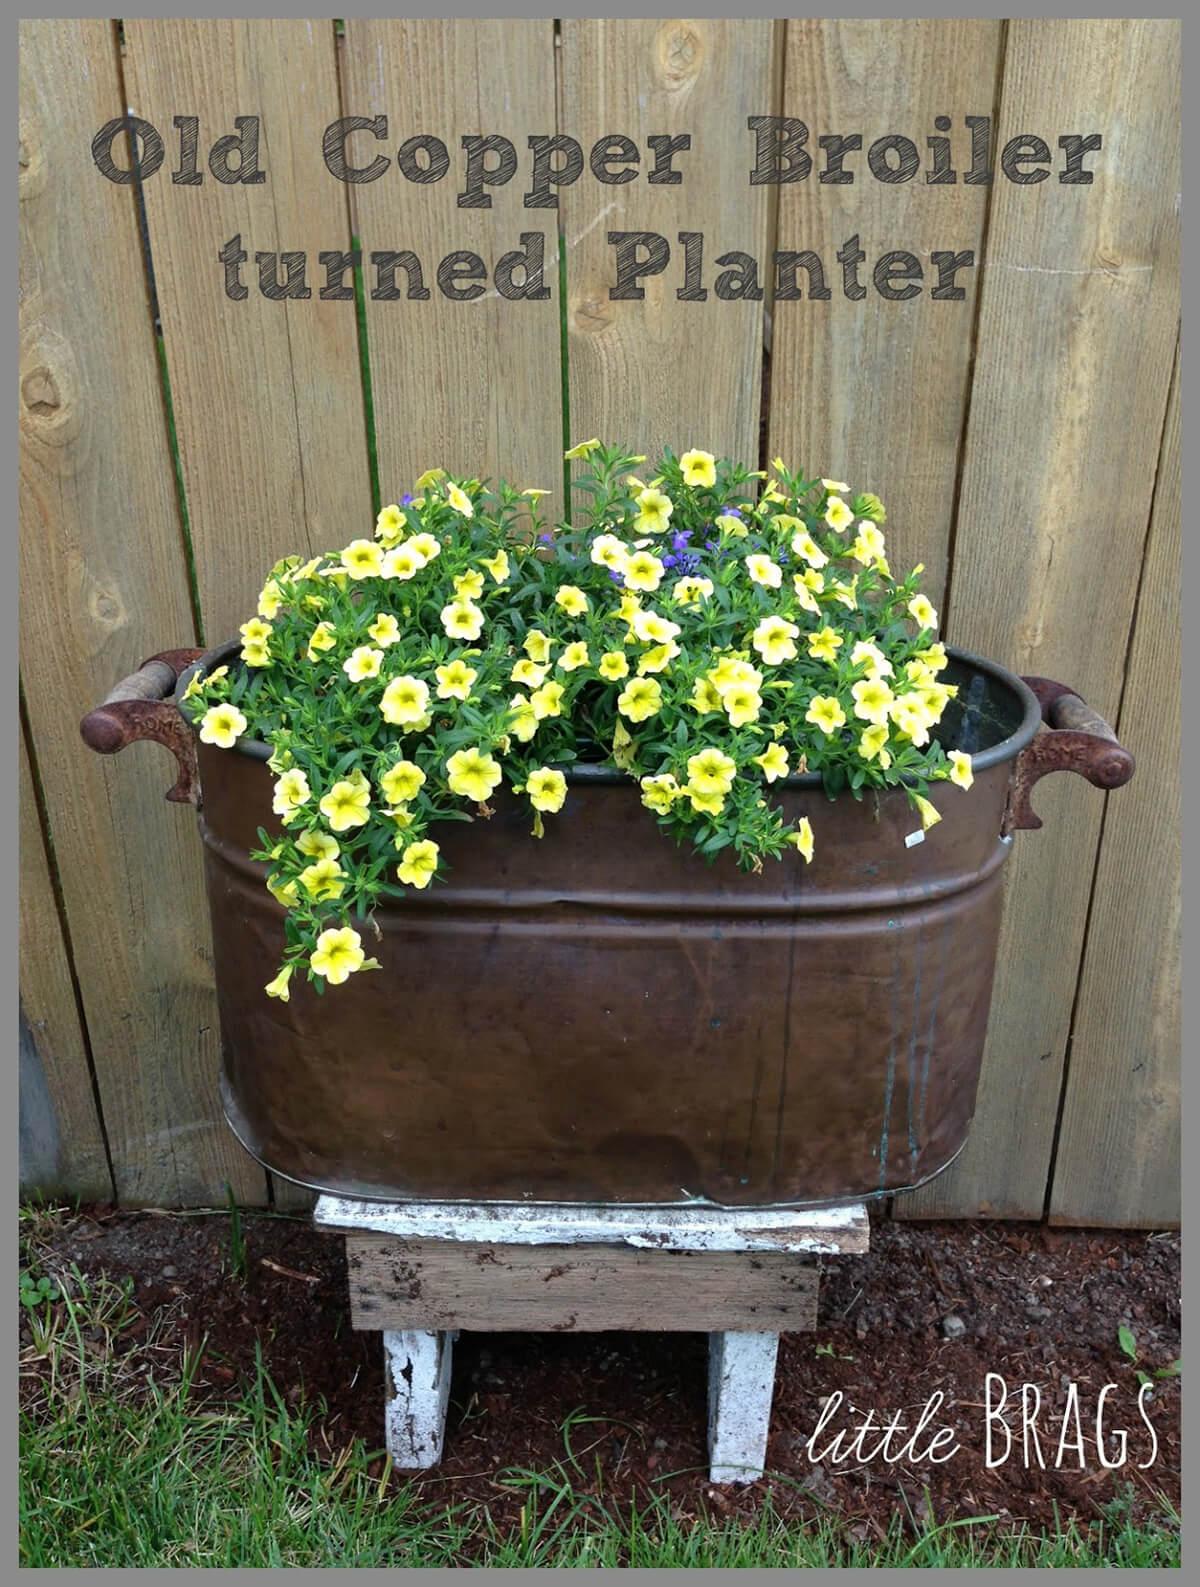 Vintage Boiler with Blooming Petunias